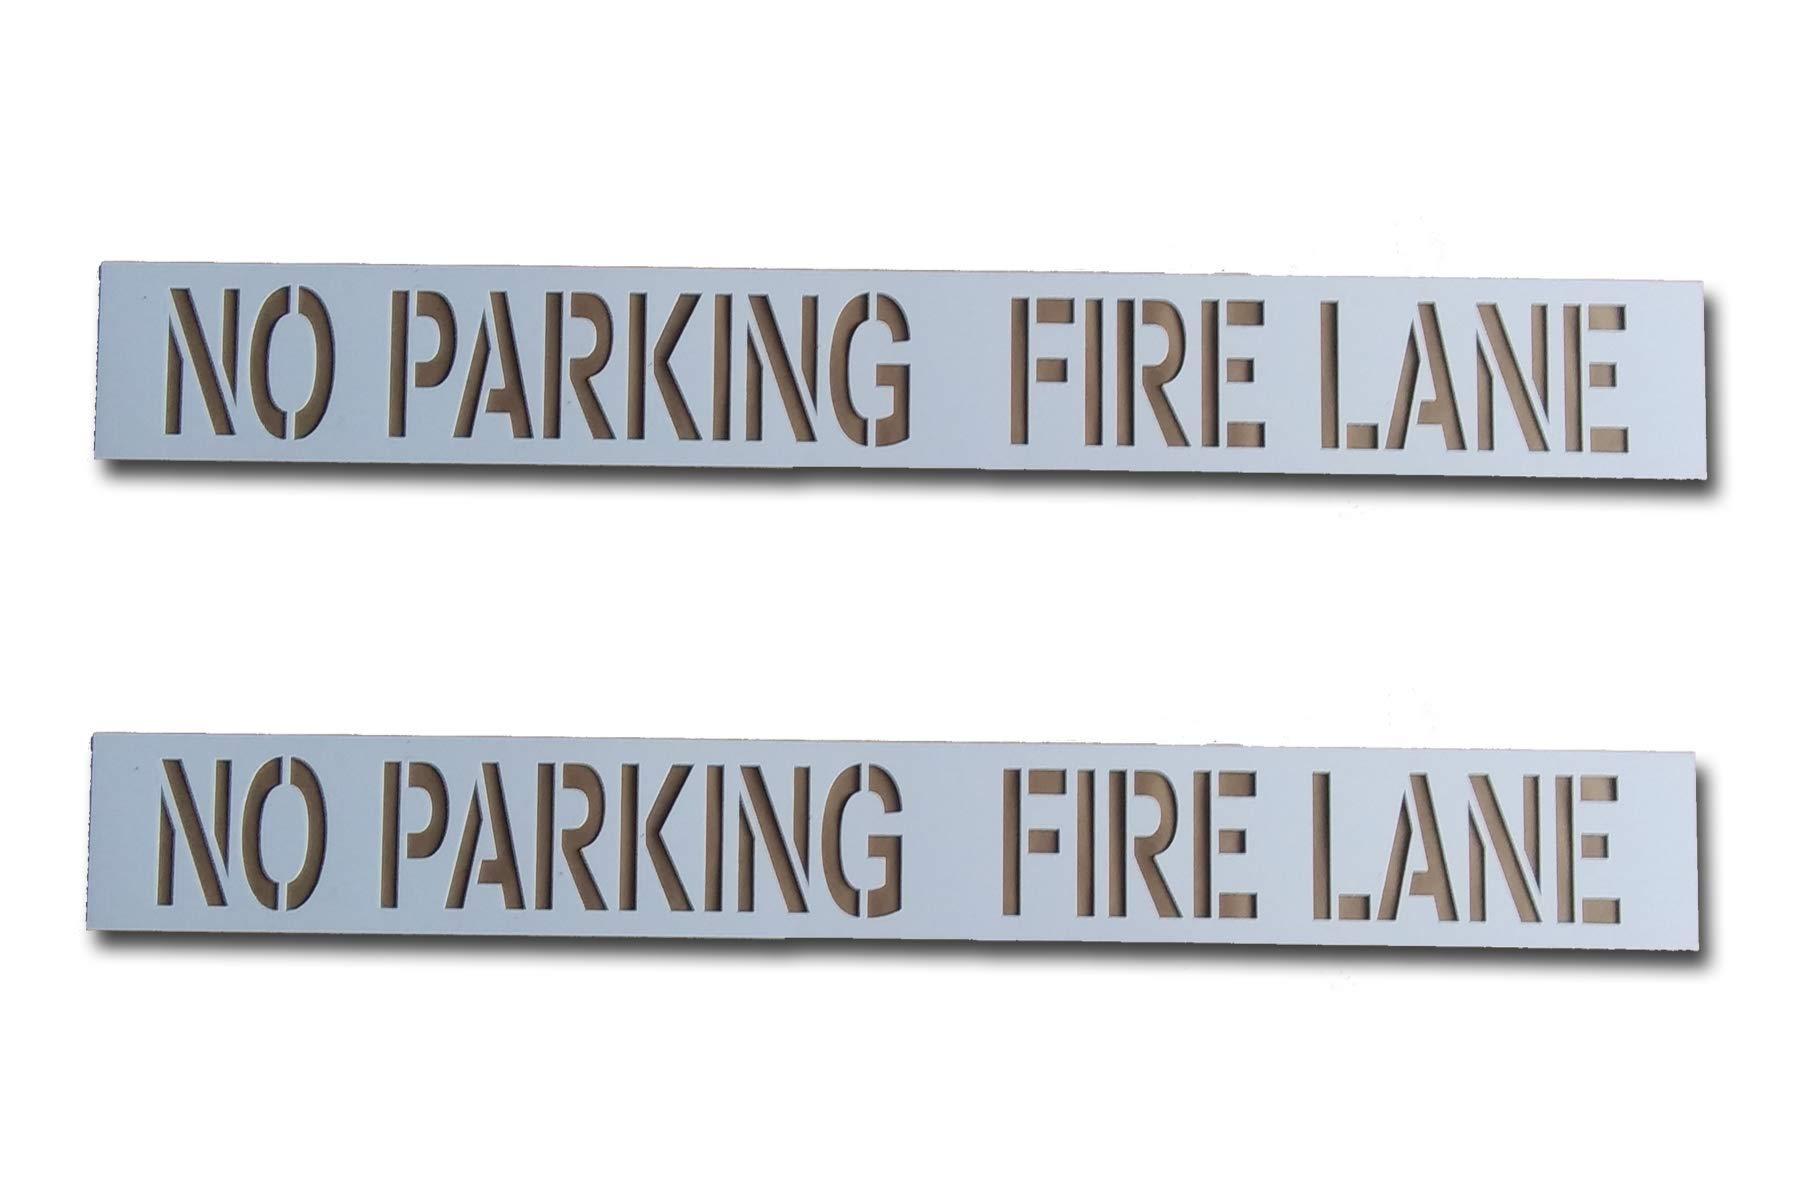 Curb-N-Sign NO Parking FIRE Lane Stencil (2 Stencils) by Curb-N-Sign